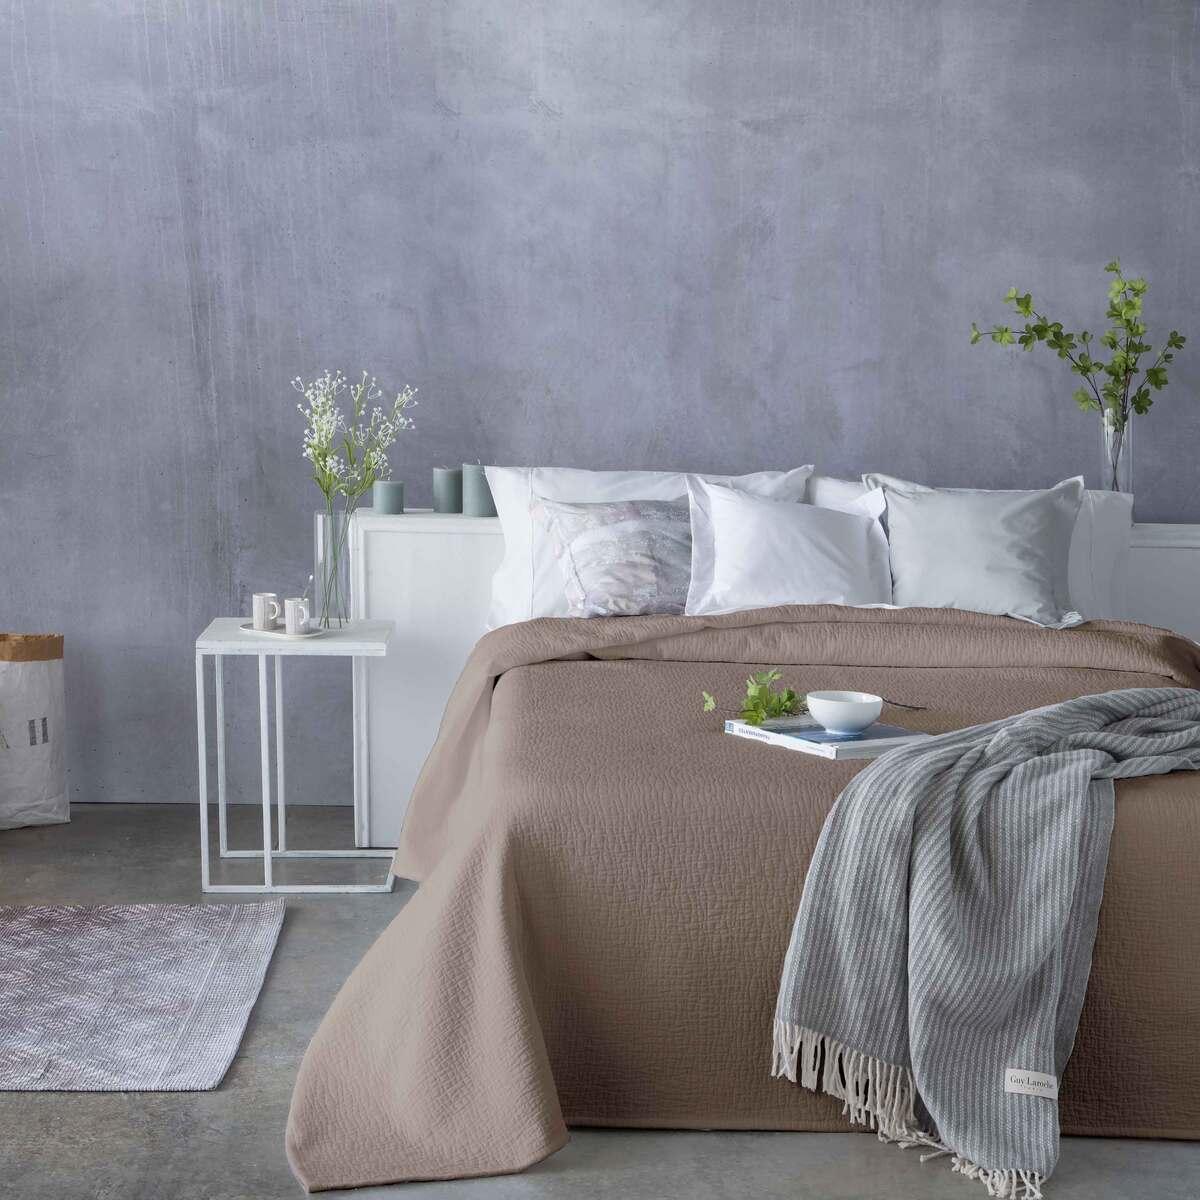 Couvre lit en coton marron 230x270